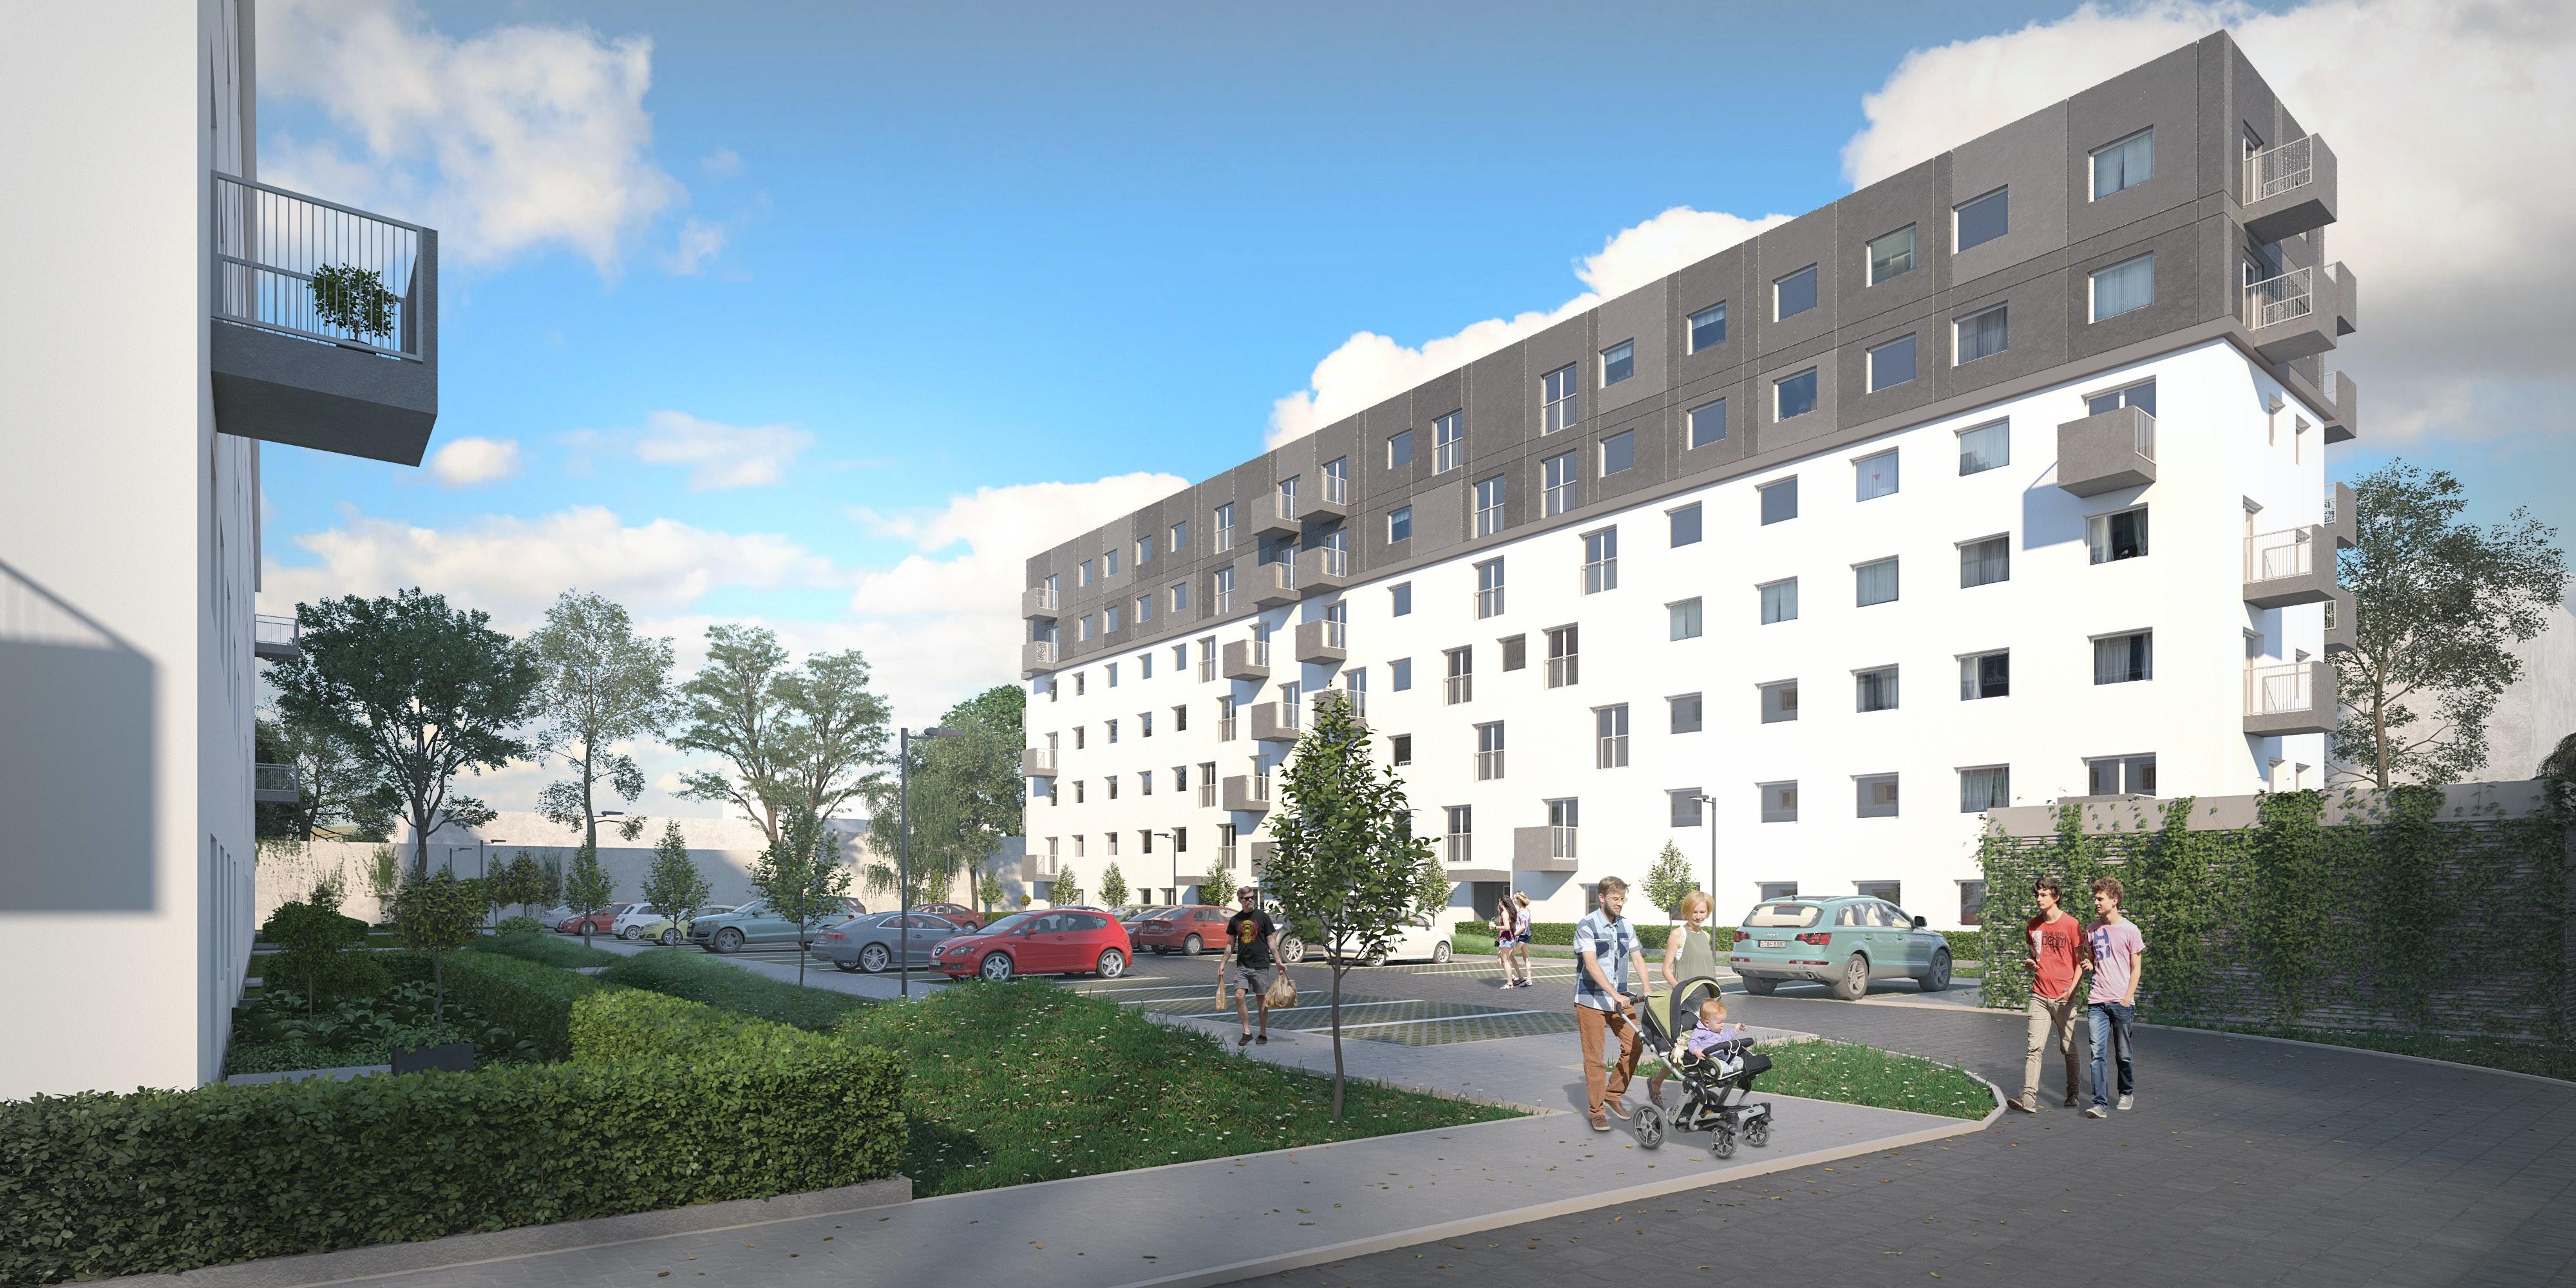 Budynki przy ul. Tytoniowej w Radomiu będą utrzymane w biało-szarych barwach (fot. mat. pras. PFR Nieruchomości)